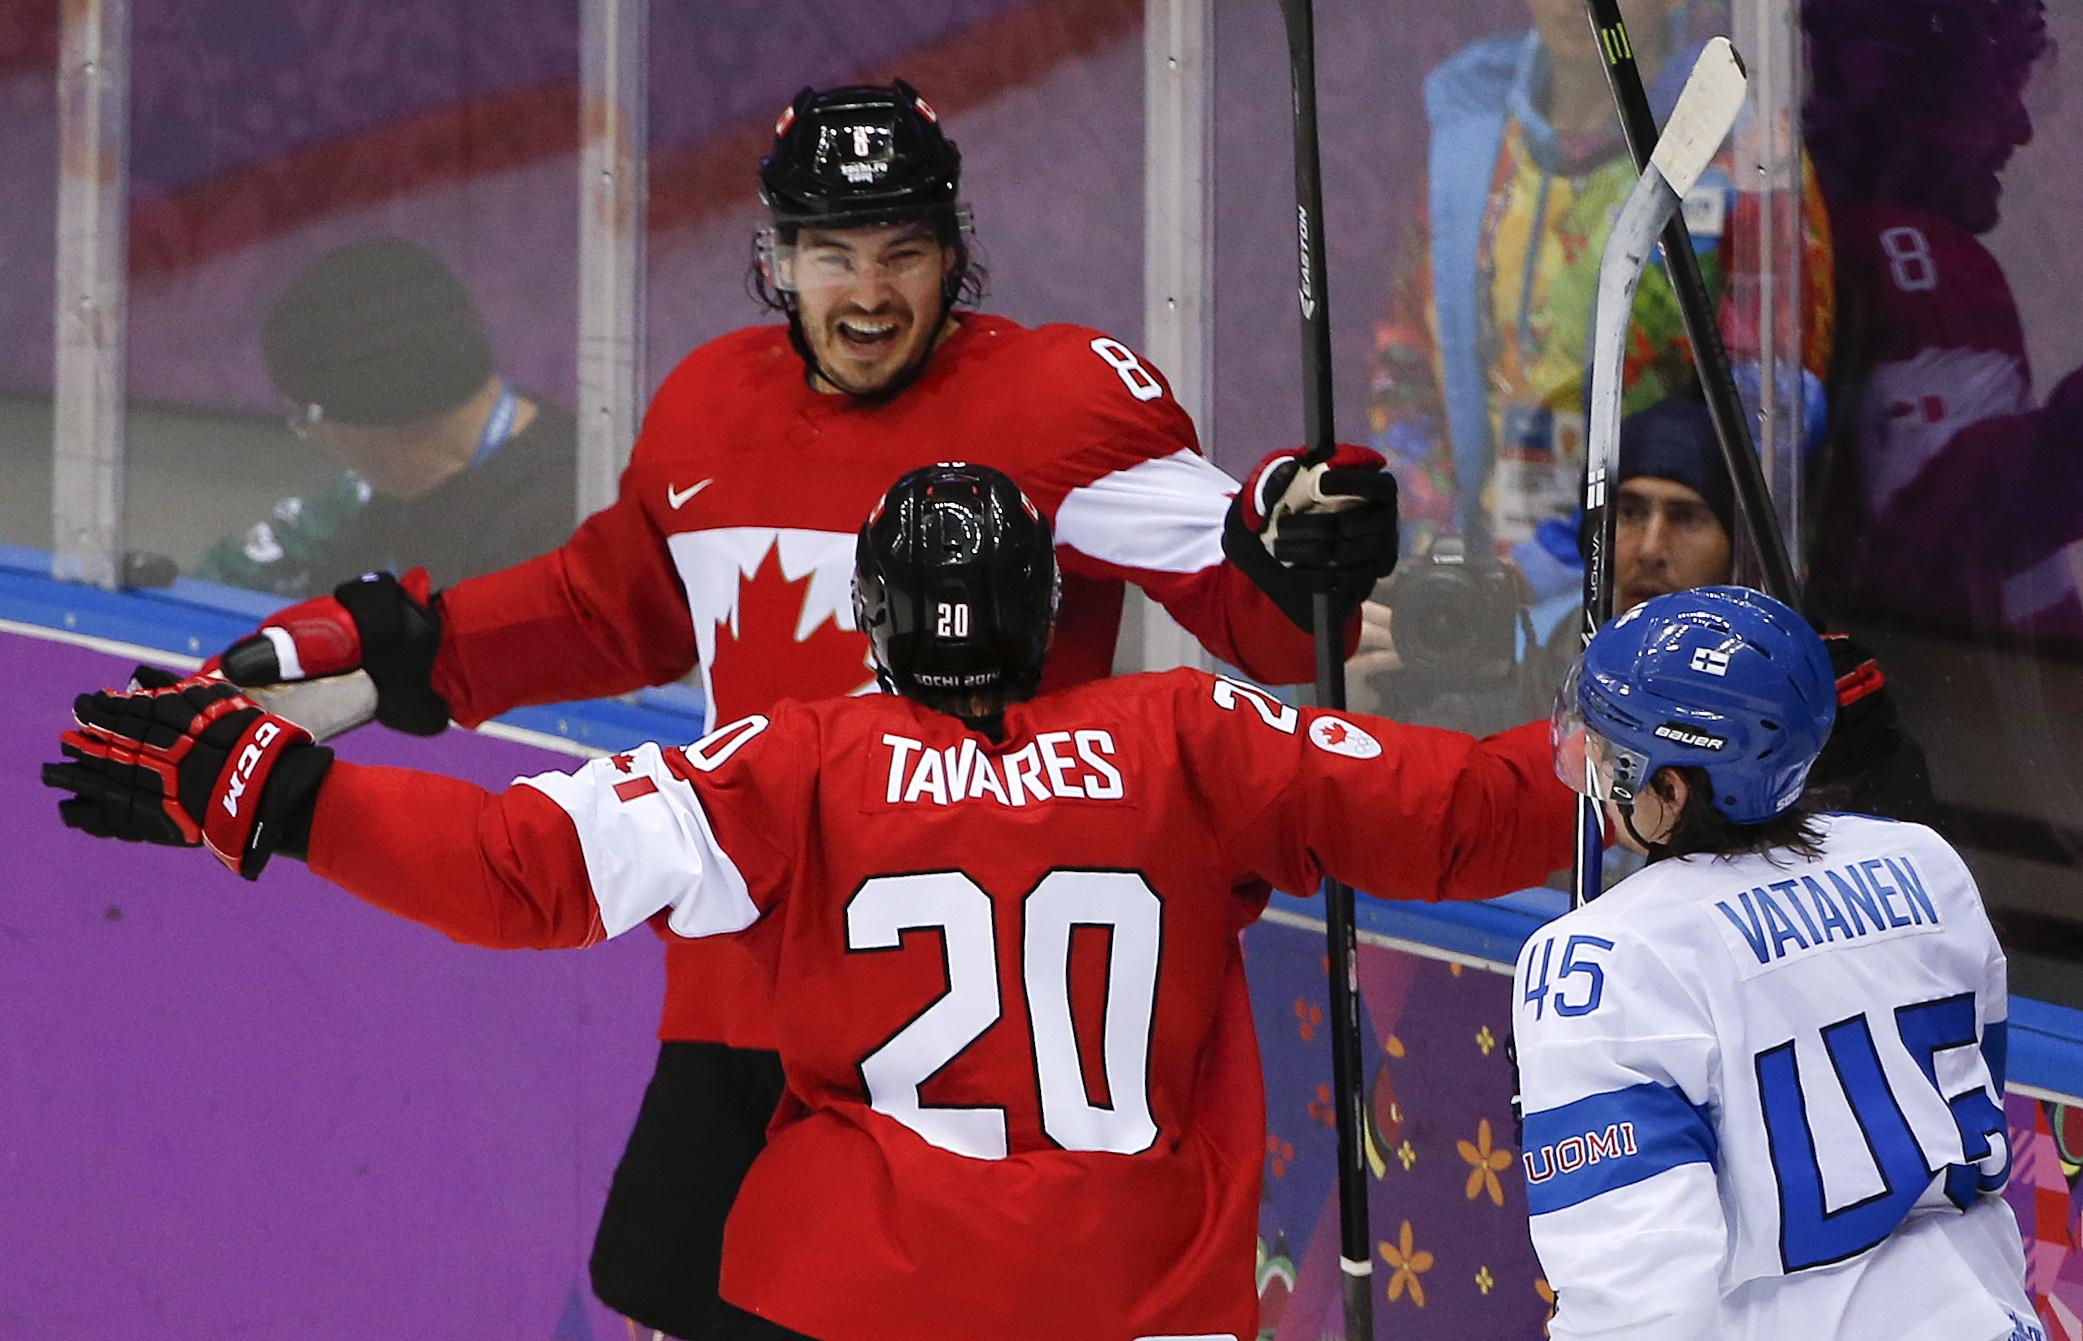 Sochi: Big Ice, Big Test - Team Canada's Cast Of Superstar Forwards Spinning Their Wheels